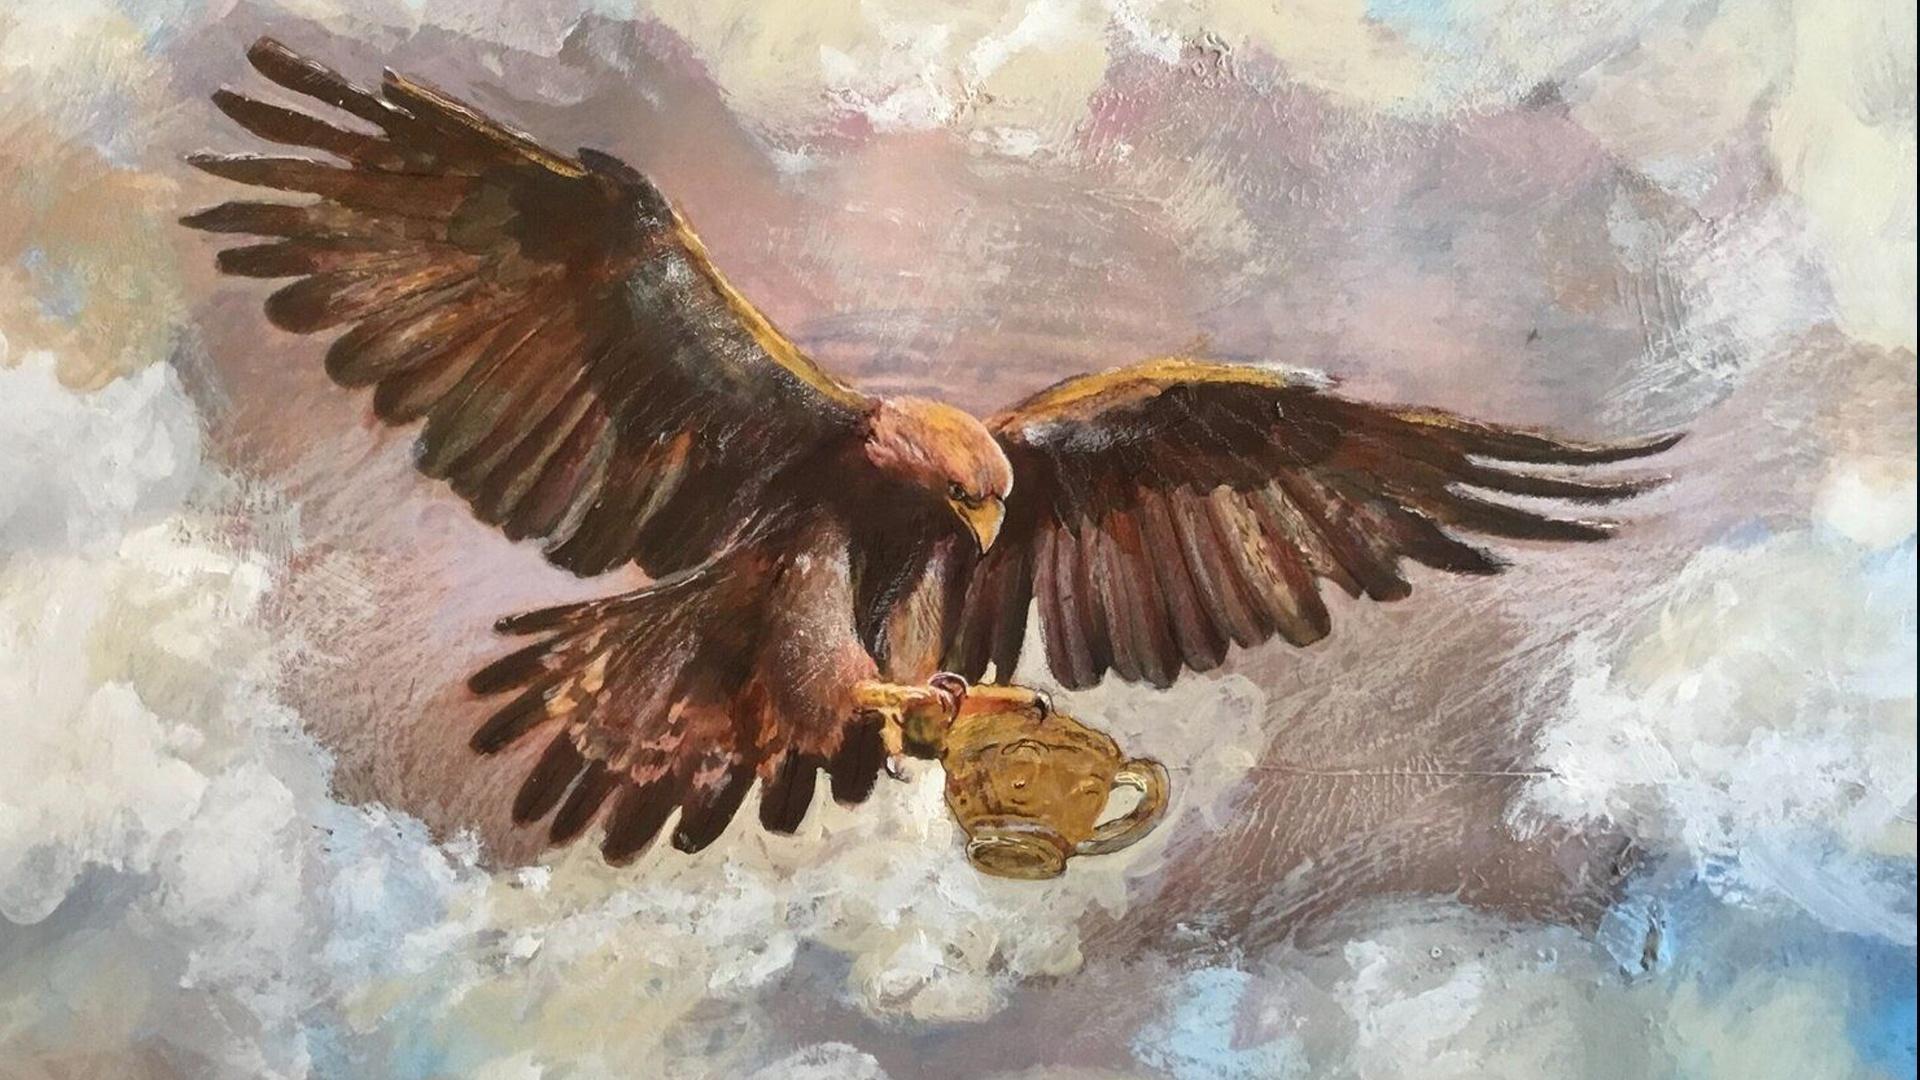 Jupiter's eagle and golden cup